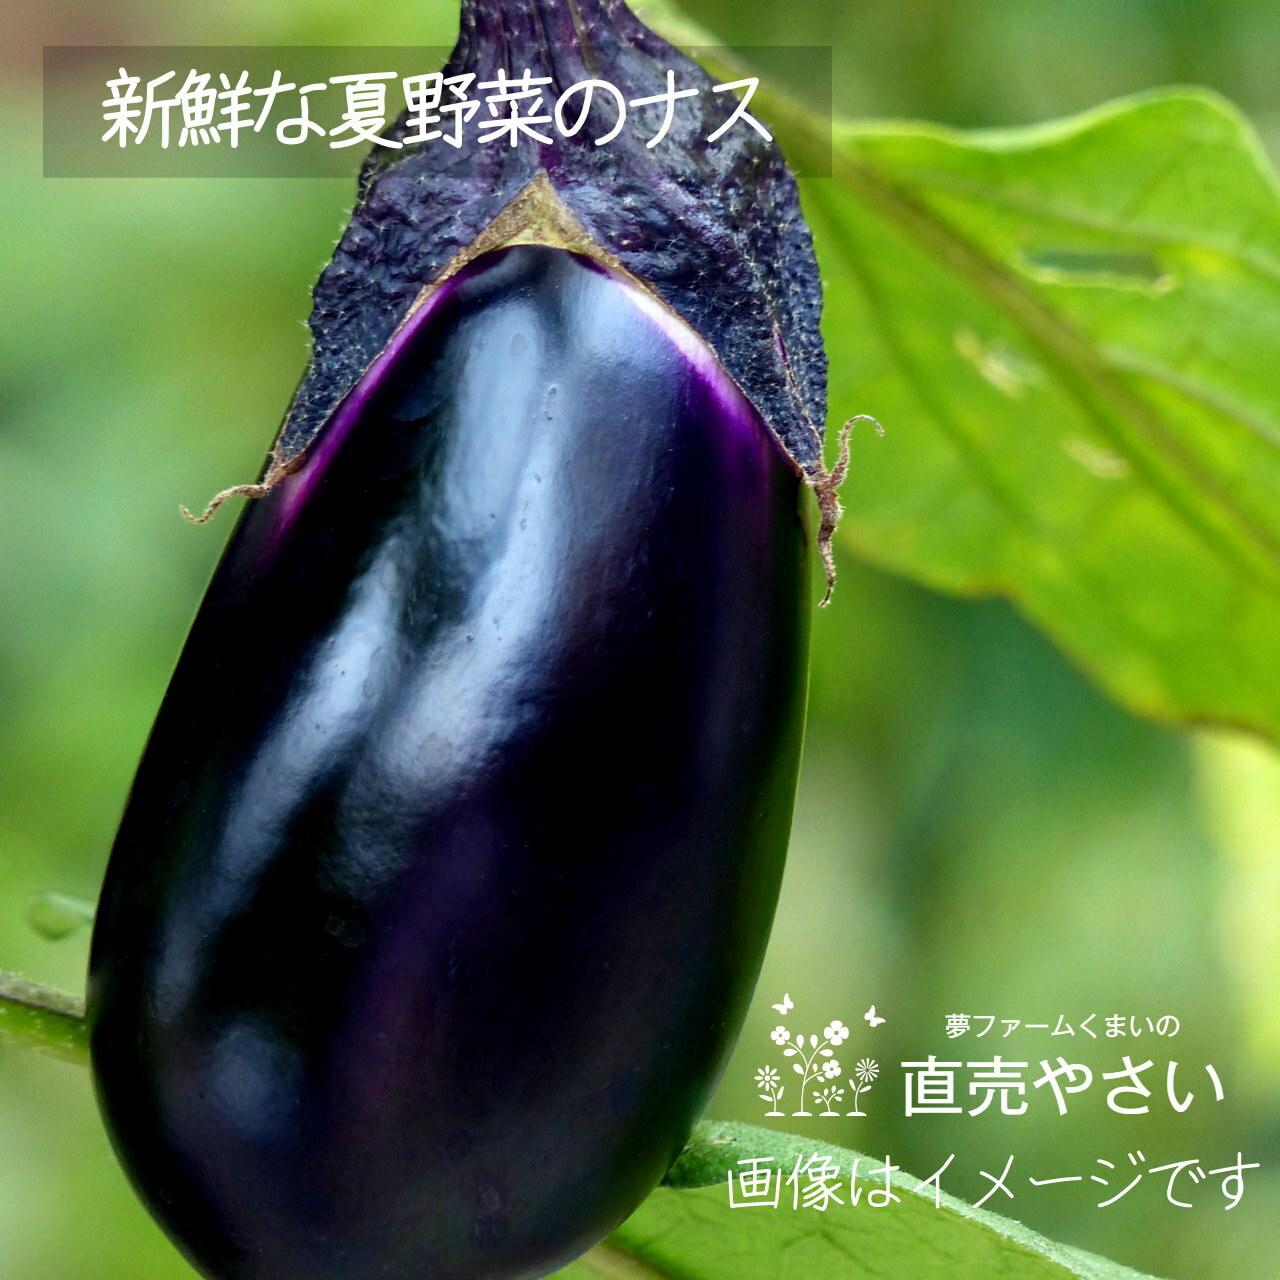 6月の新鮮野菜 : ナス 約350g 朝採り直売野菜 6月29日発送予定